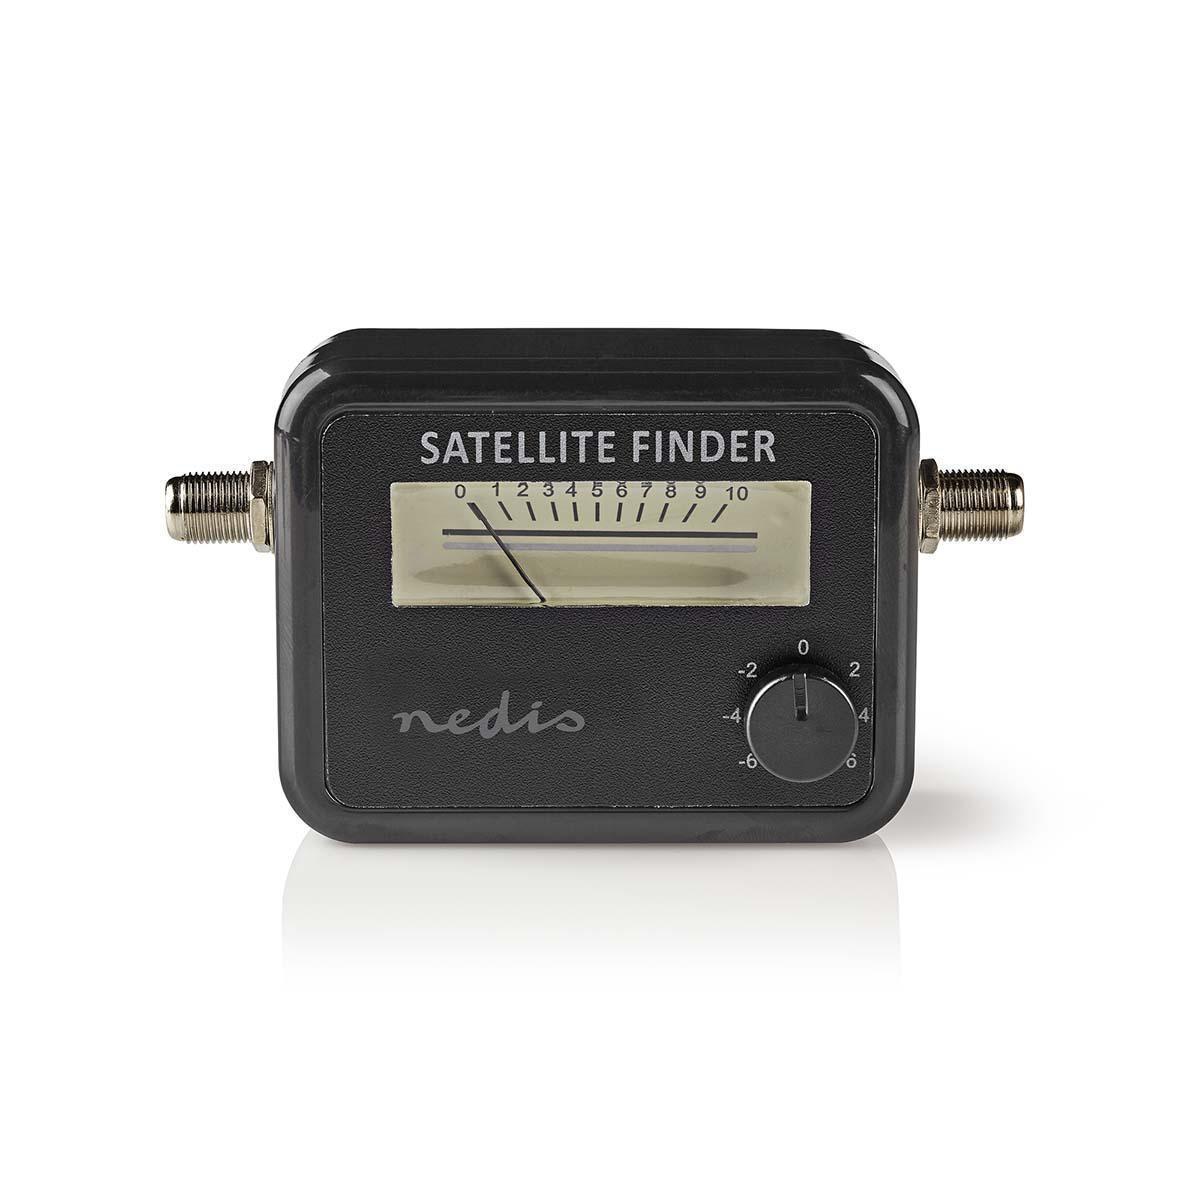 Vyhledávač satelitního signálu König se zvukovou indikací